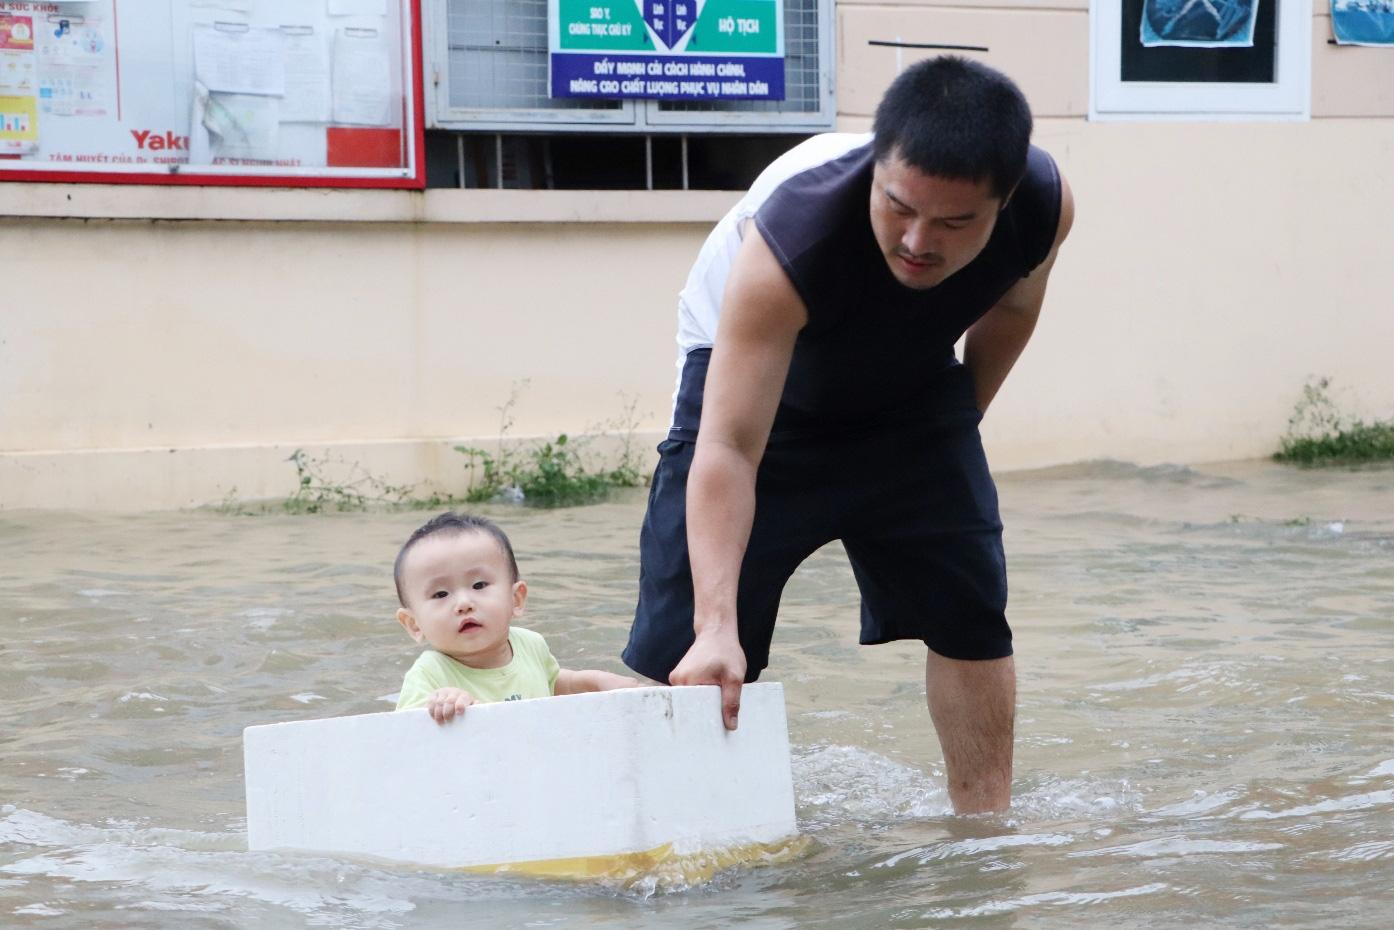 Hết dầm mưa liên tiếp, dân Sài Gòn lại khốn khổ vì triều cường đạt đỉnh, bì bõm dắt xe qua đường ngập - Ảnh 10.